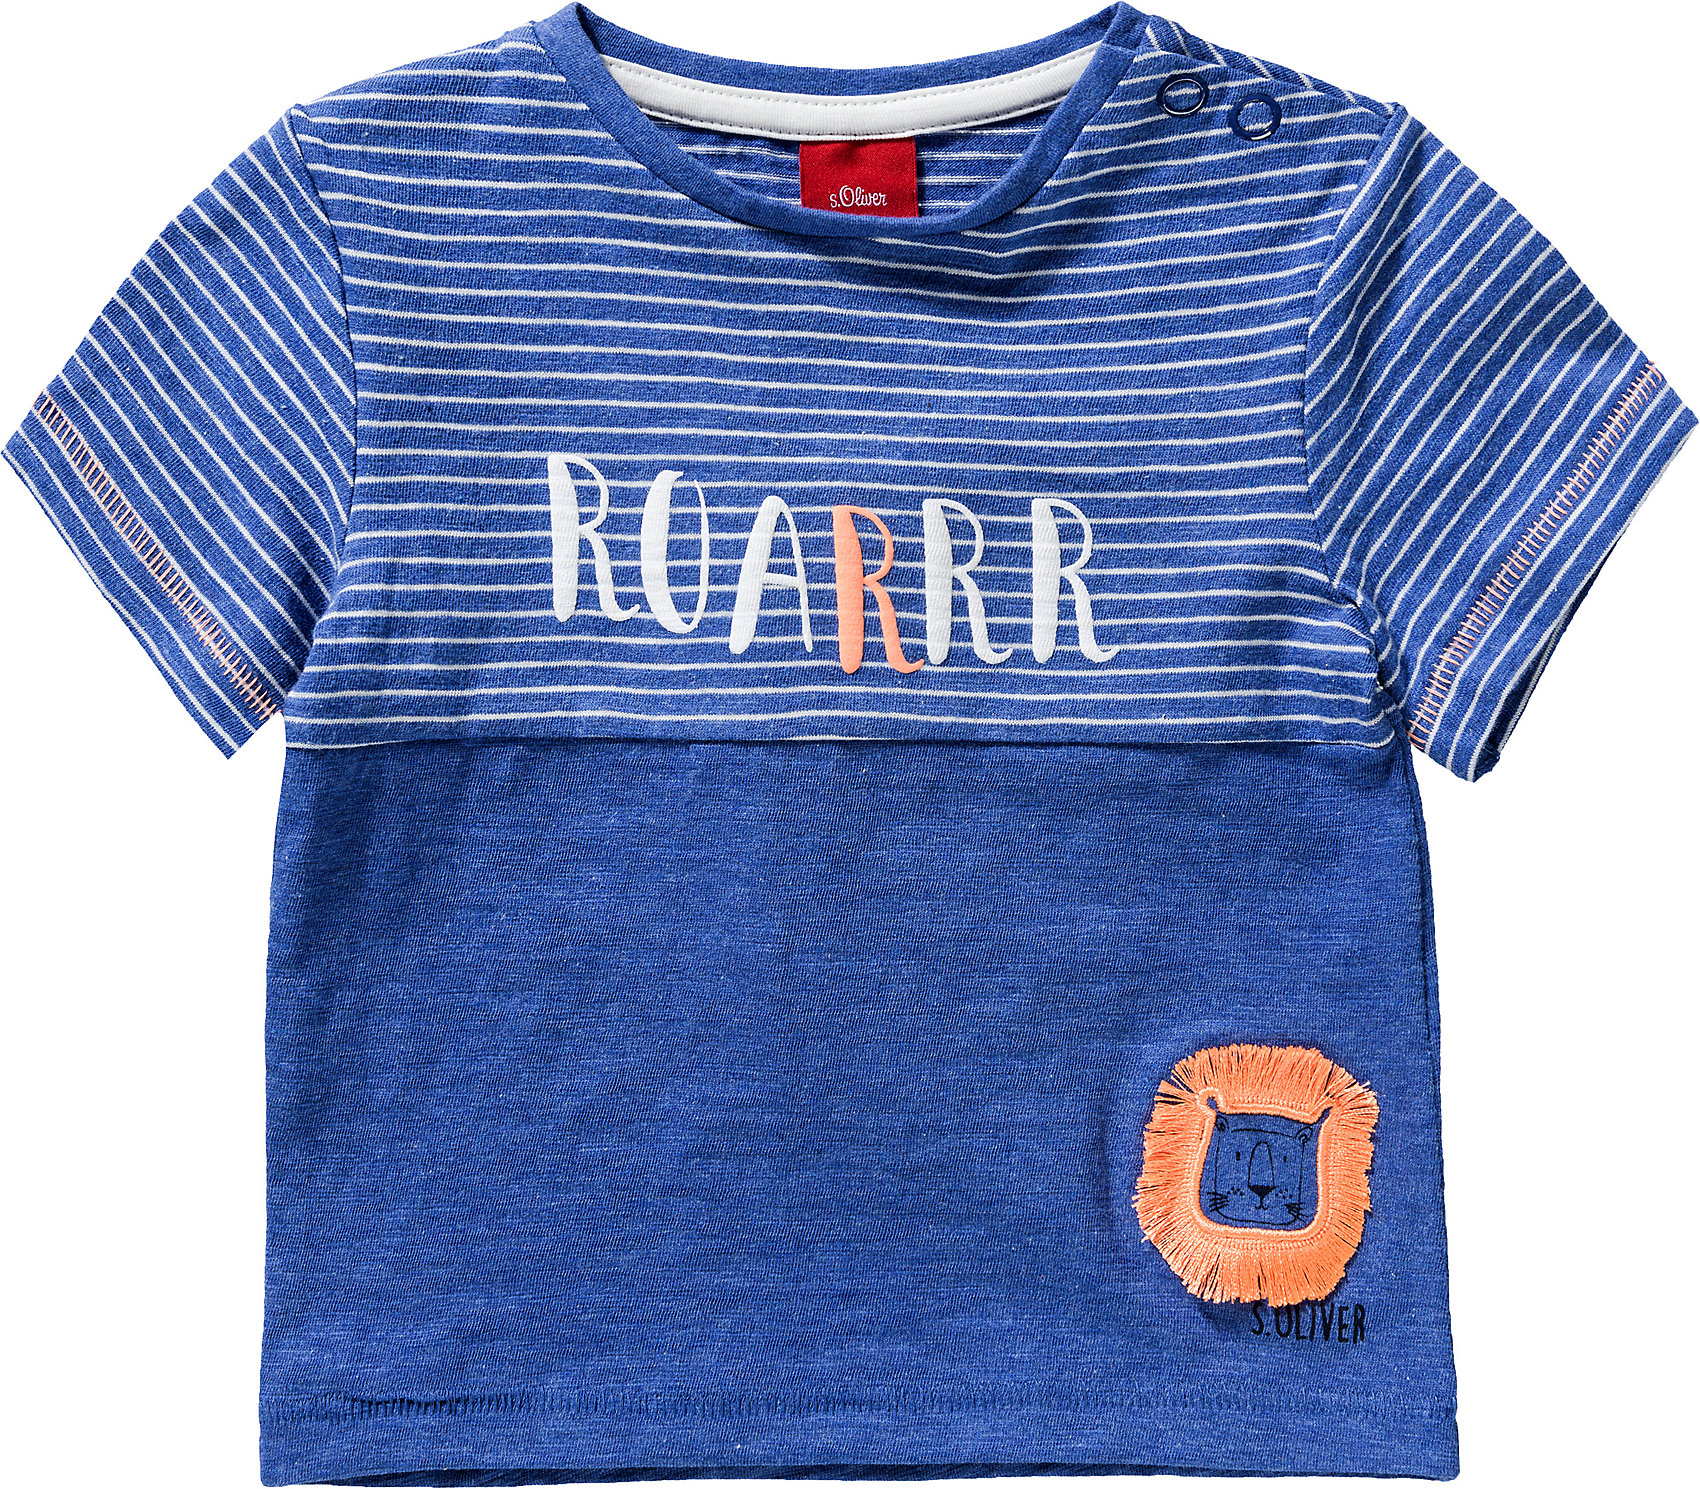 Neu s.Oliver Baby T-Shirt für Jungen 10595671 für Jungen blau